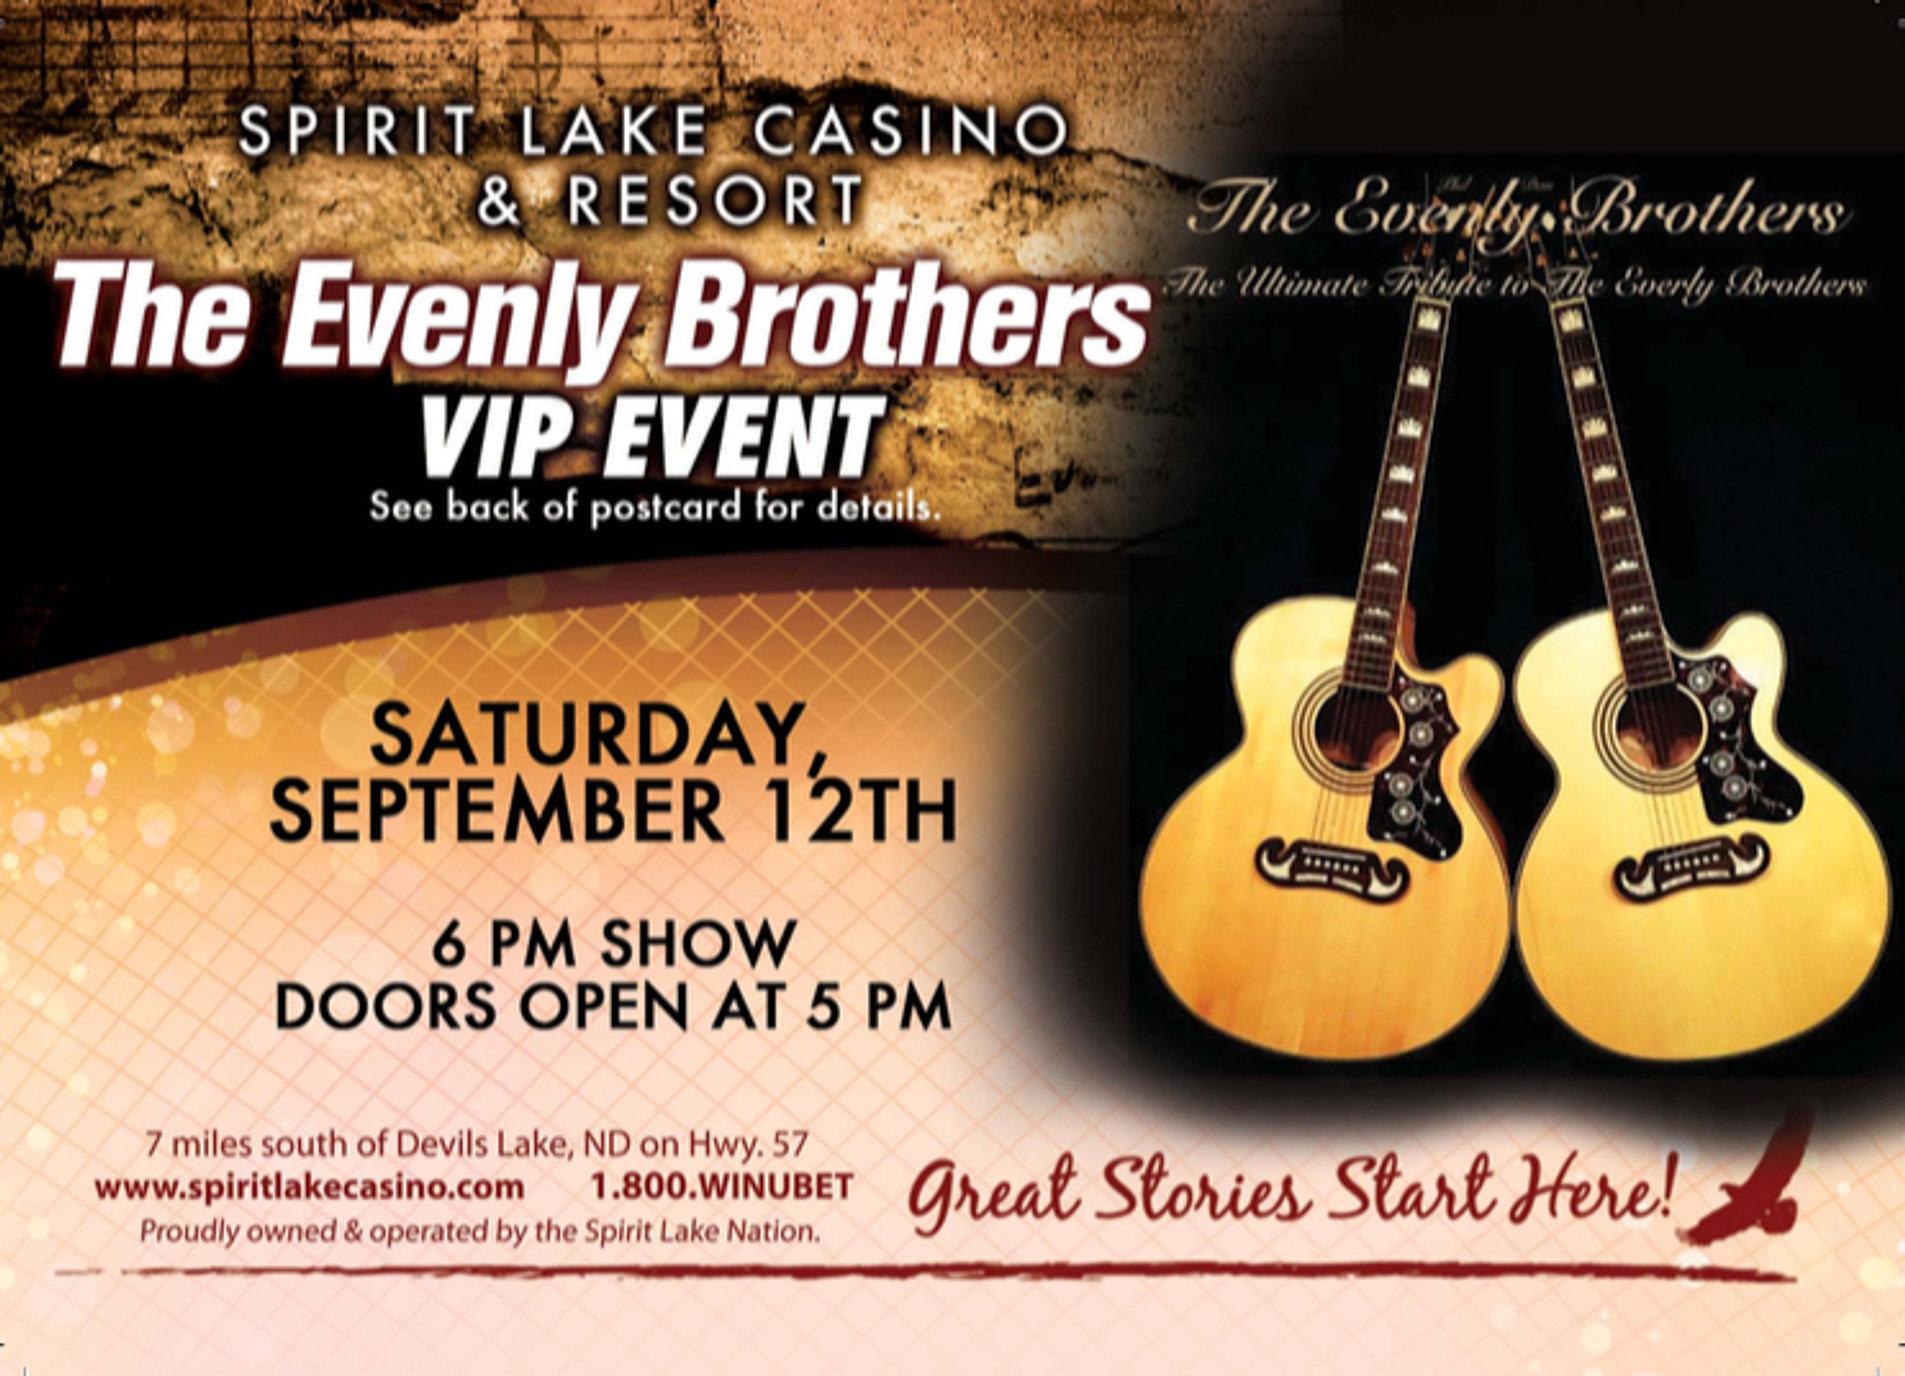 Spirit lake casino concerts